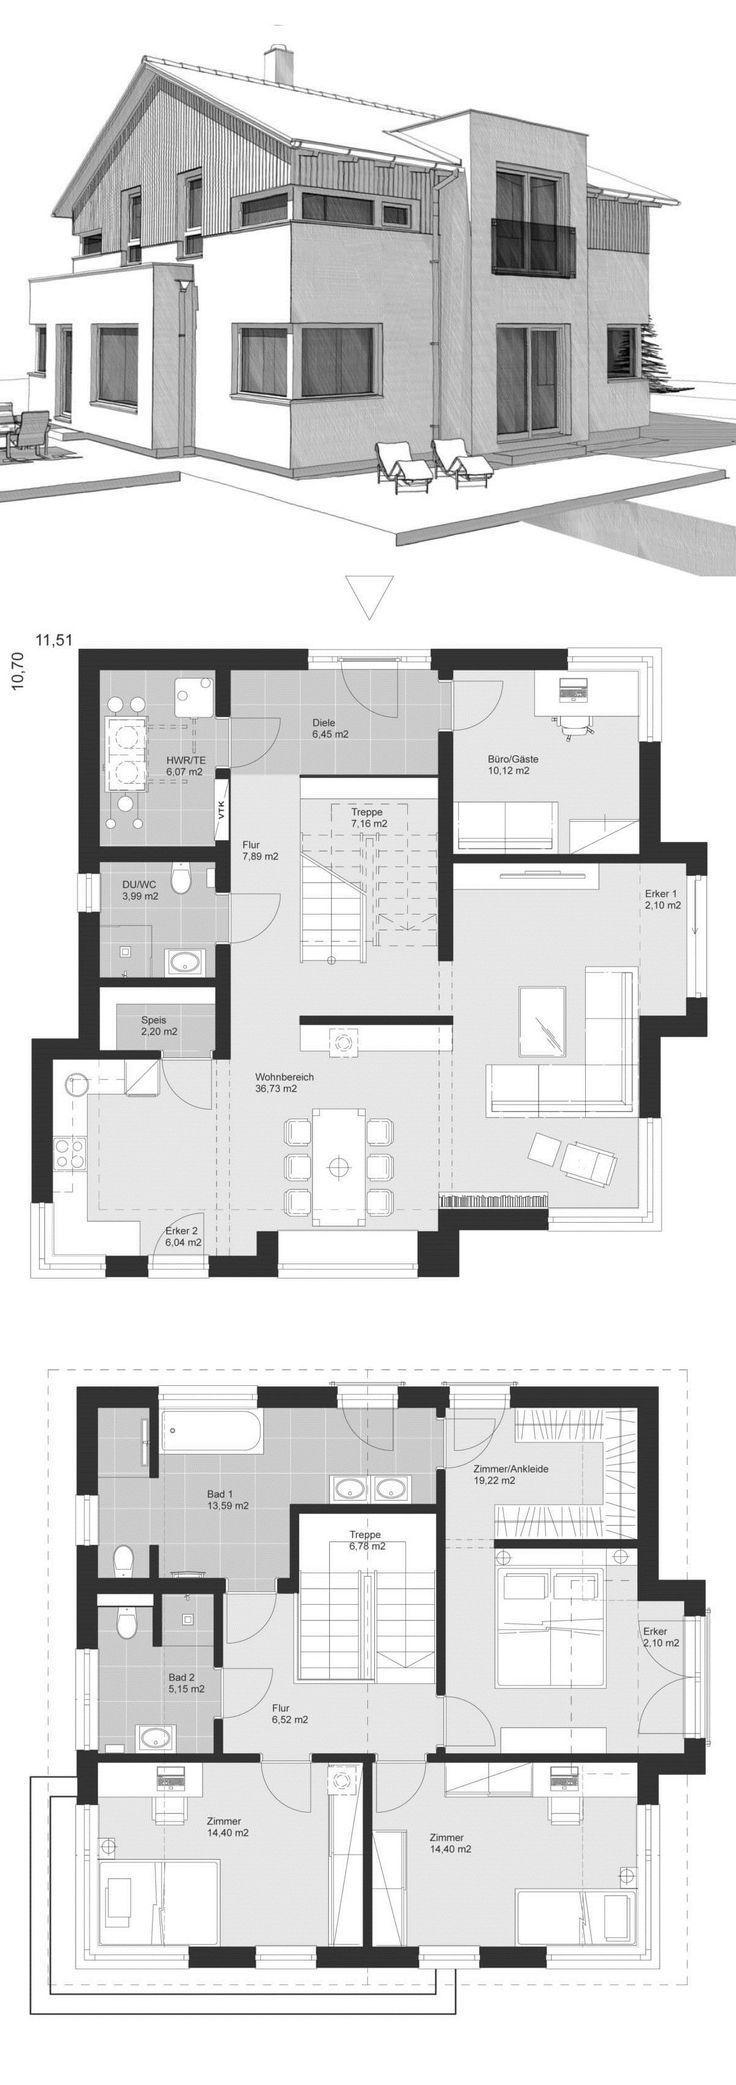 Maison individuelle de style rustique avec architecture à toit à pignon, façade en bois …